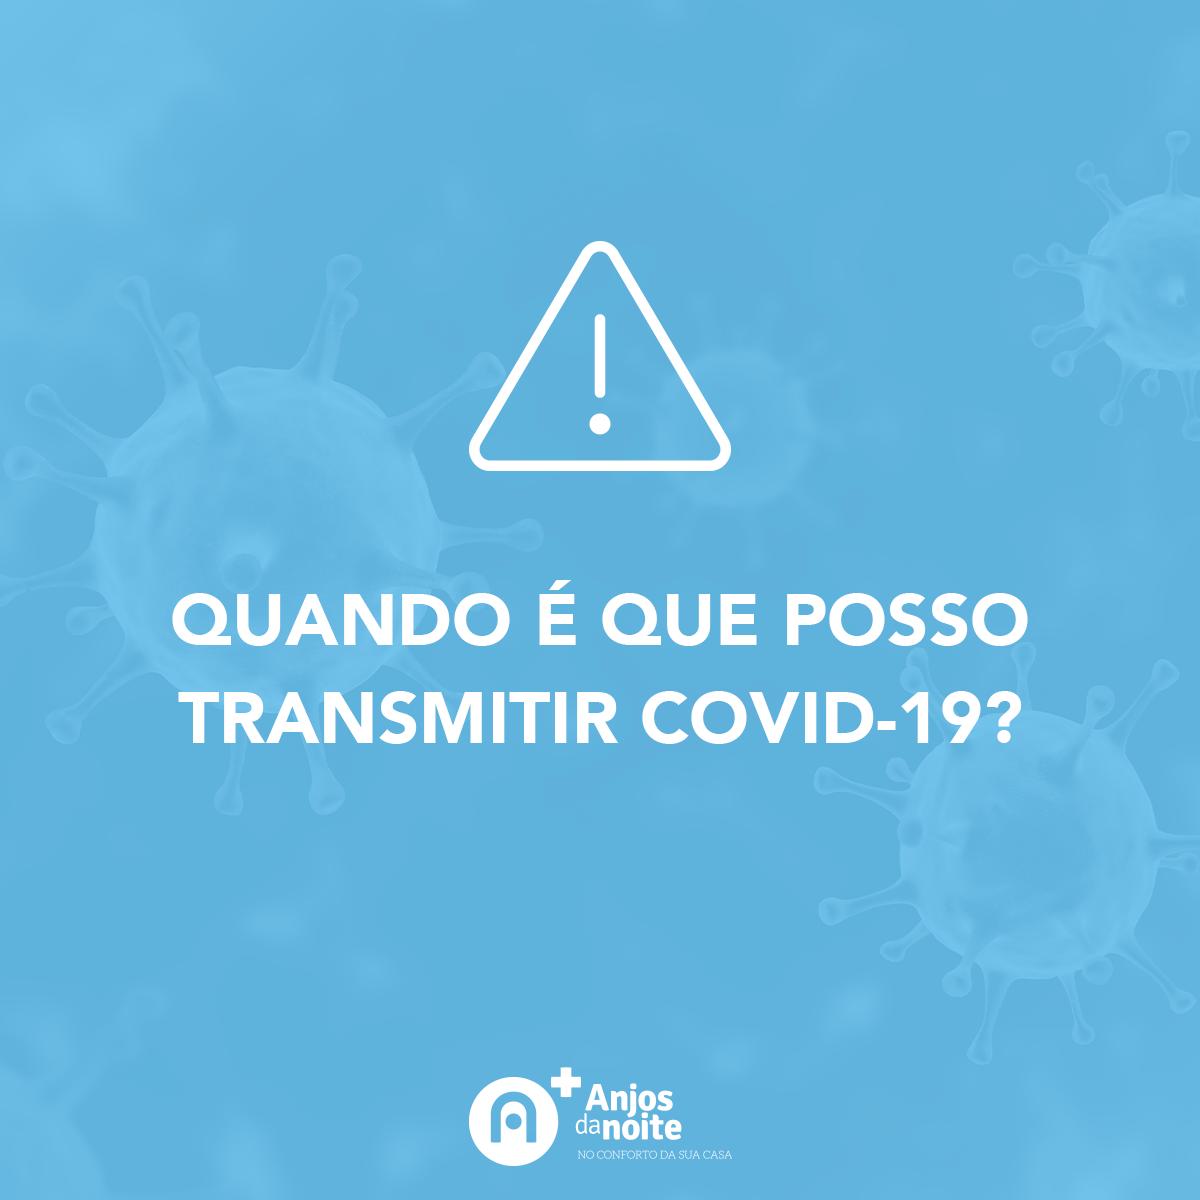 QUANDO É QUE POSSO TRANSMITIR COVID-19?